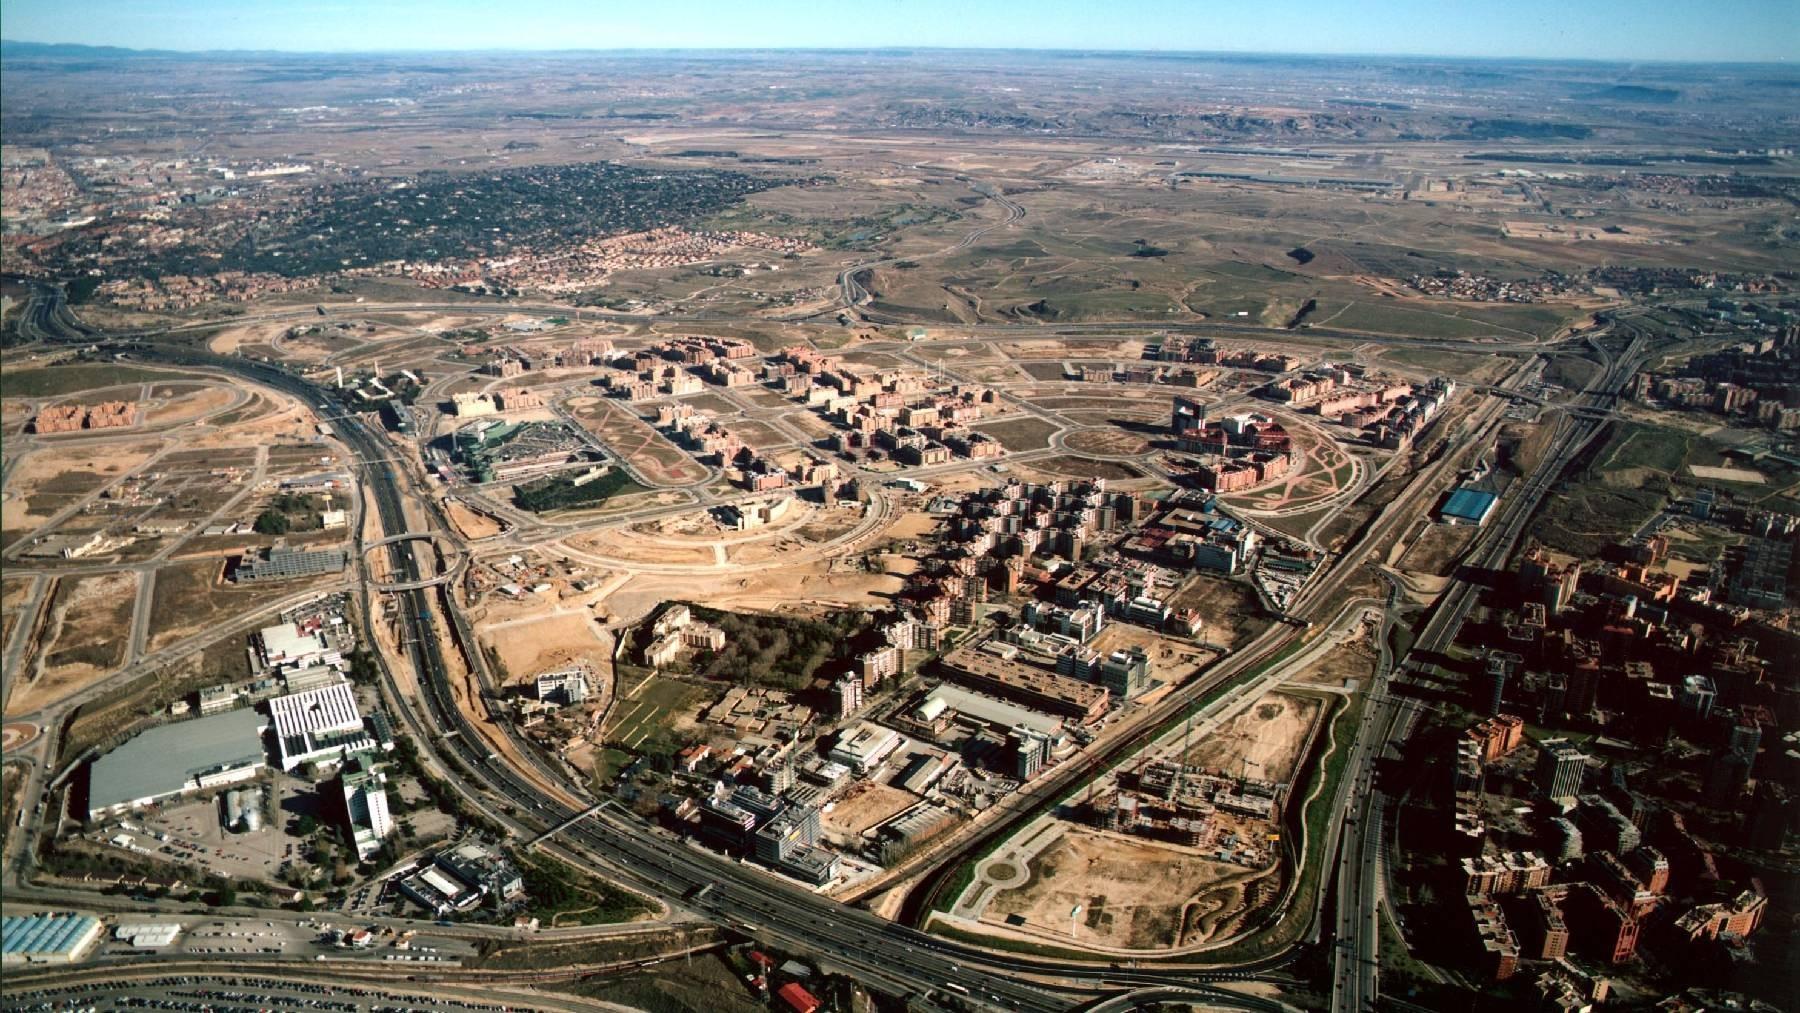 tamiento de Madrid cederá 25 parcelas para promover 2.500 viviendas destinadas al alquiler